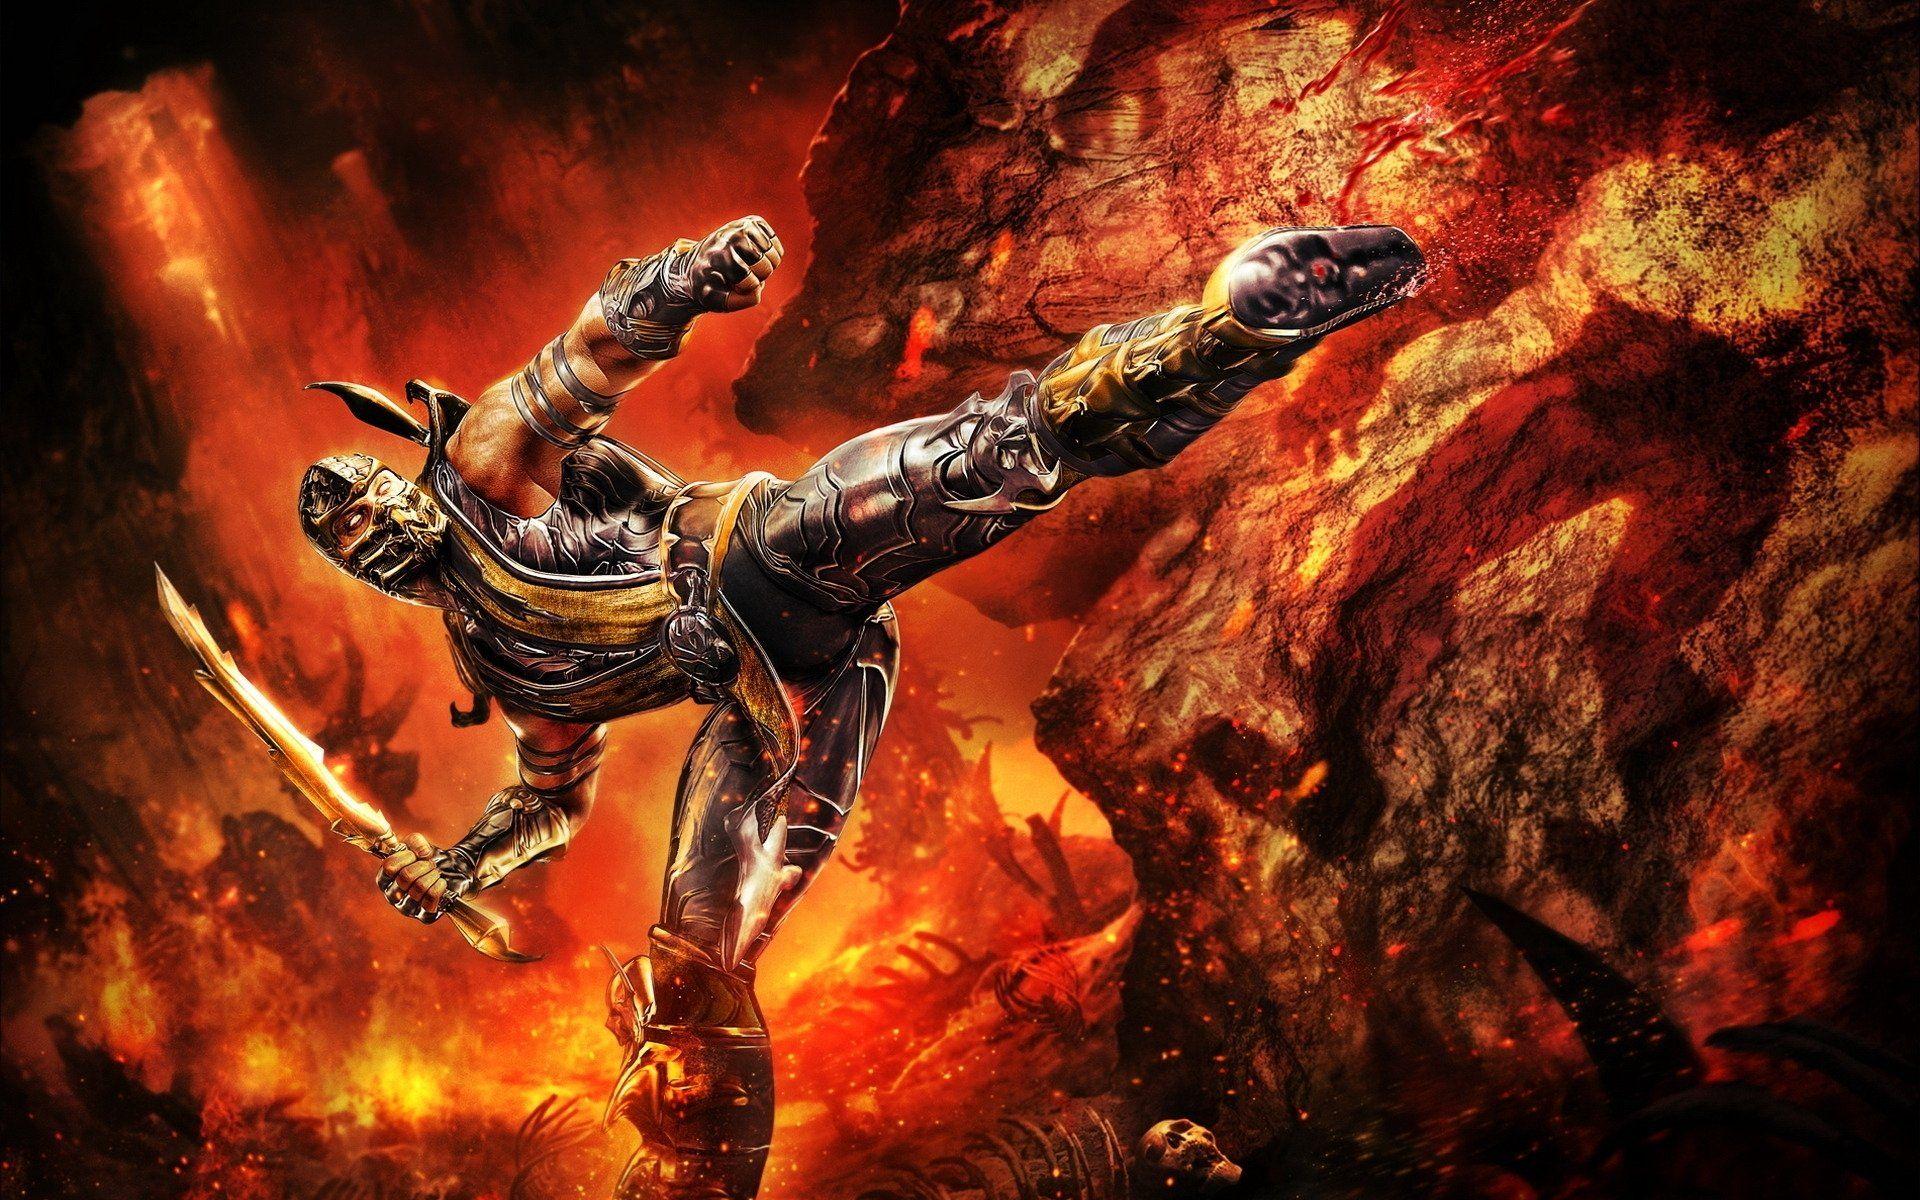 1920x1200 Mortal Kombat Imágen De Fondo De Pantalla Mira Descarga Coment Scorpion Mortal Kombat Mortal Kombat X Fondos De Pantalla Imagenes De Mortal Kombat